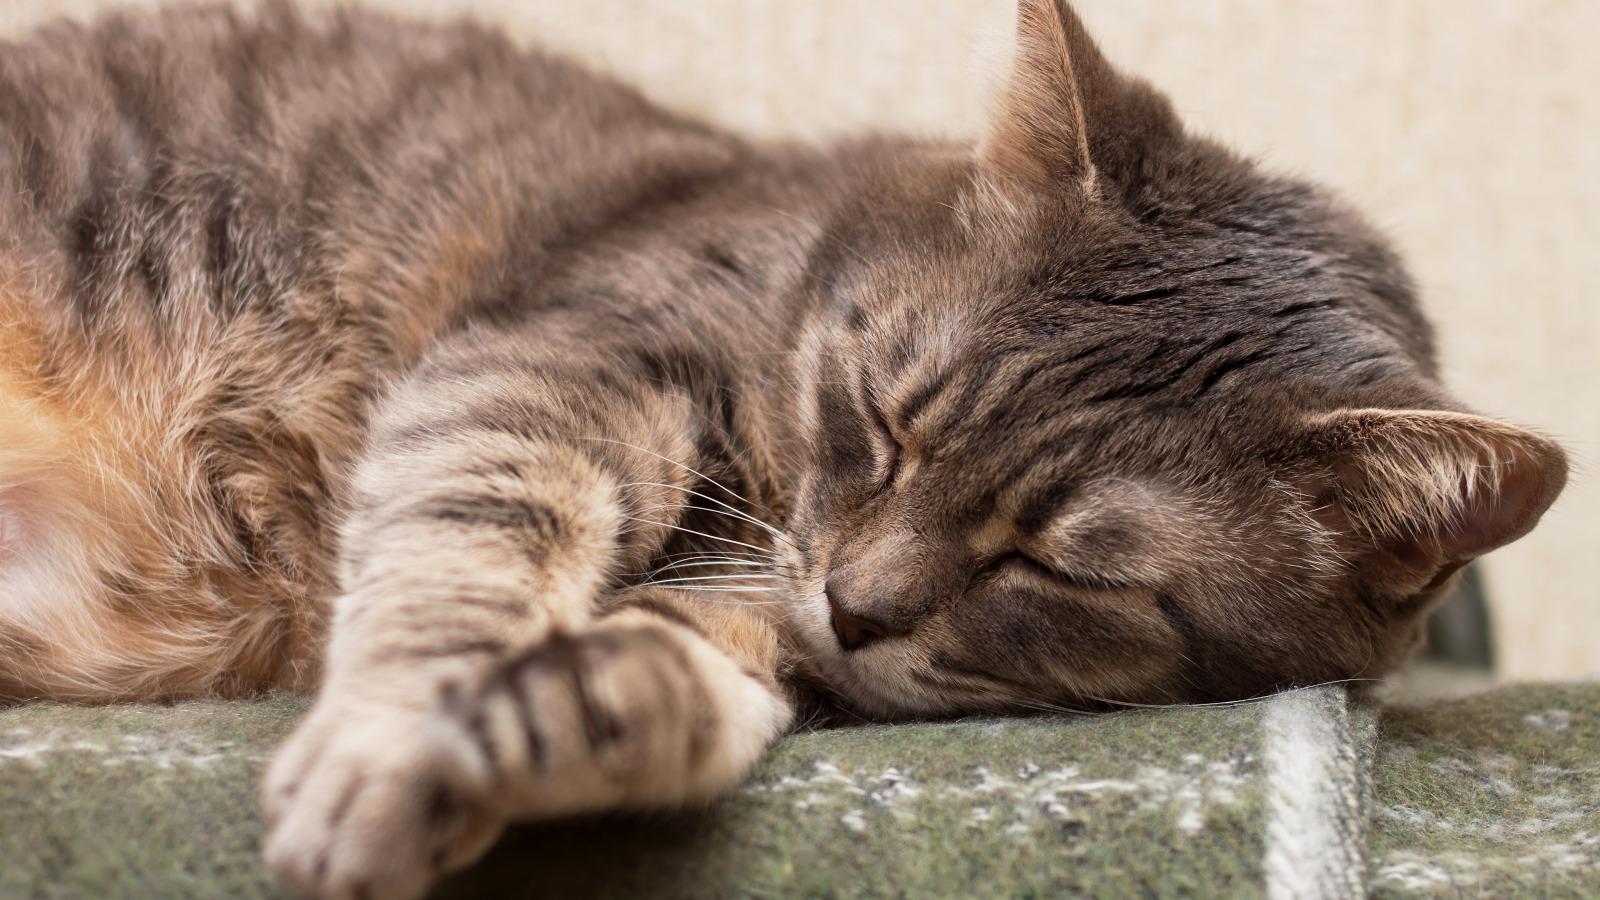 Рейтинг лучших снотворных и успокоительных средств для кошек на 2021 год